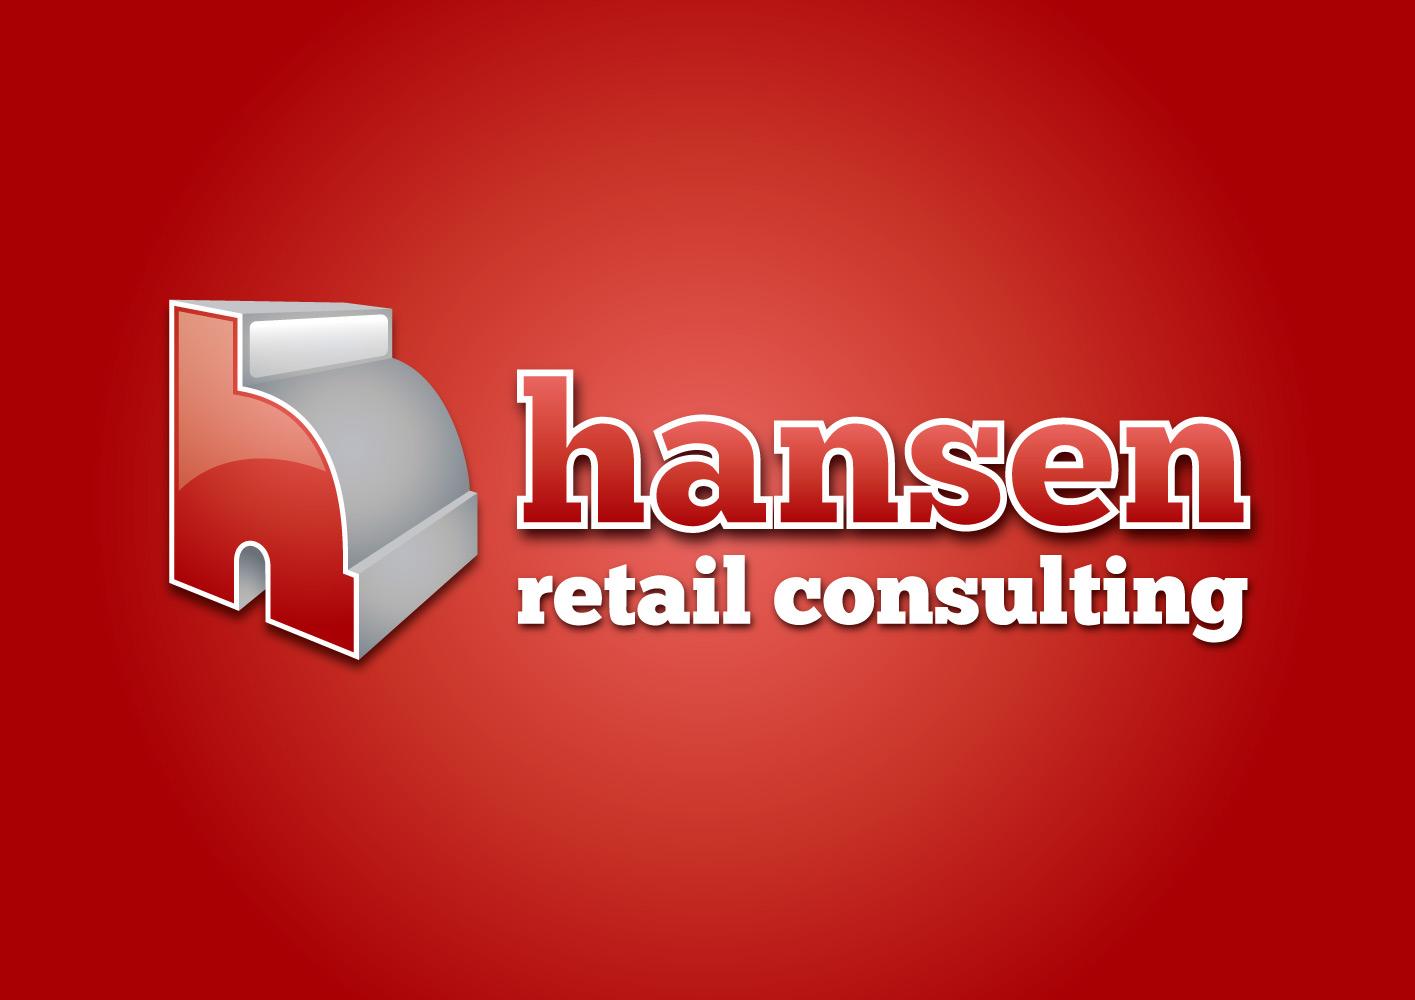 Logo för Hansen retail consulting, designad av Peter Berglund, Bullit Reklambyrå